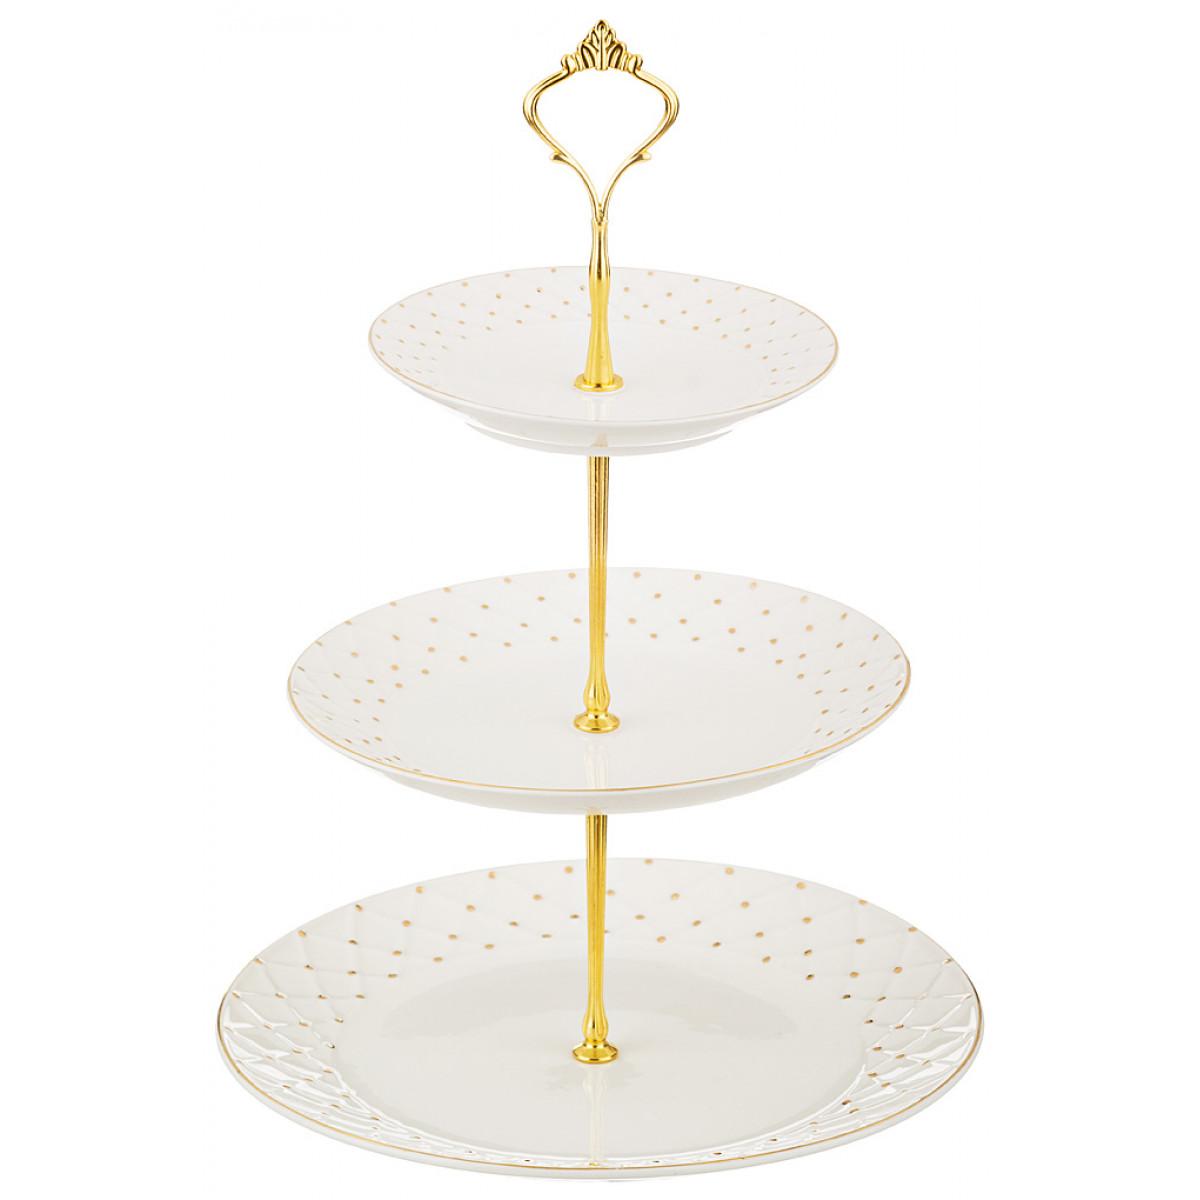 {} Lefard Тарелка-этажерка Bergerac  (25 см) тарелка под пасту 25 5 см royal porcelain тарелка под пасту 25 5 см